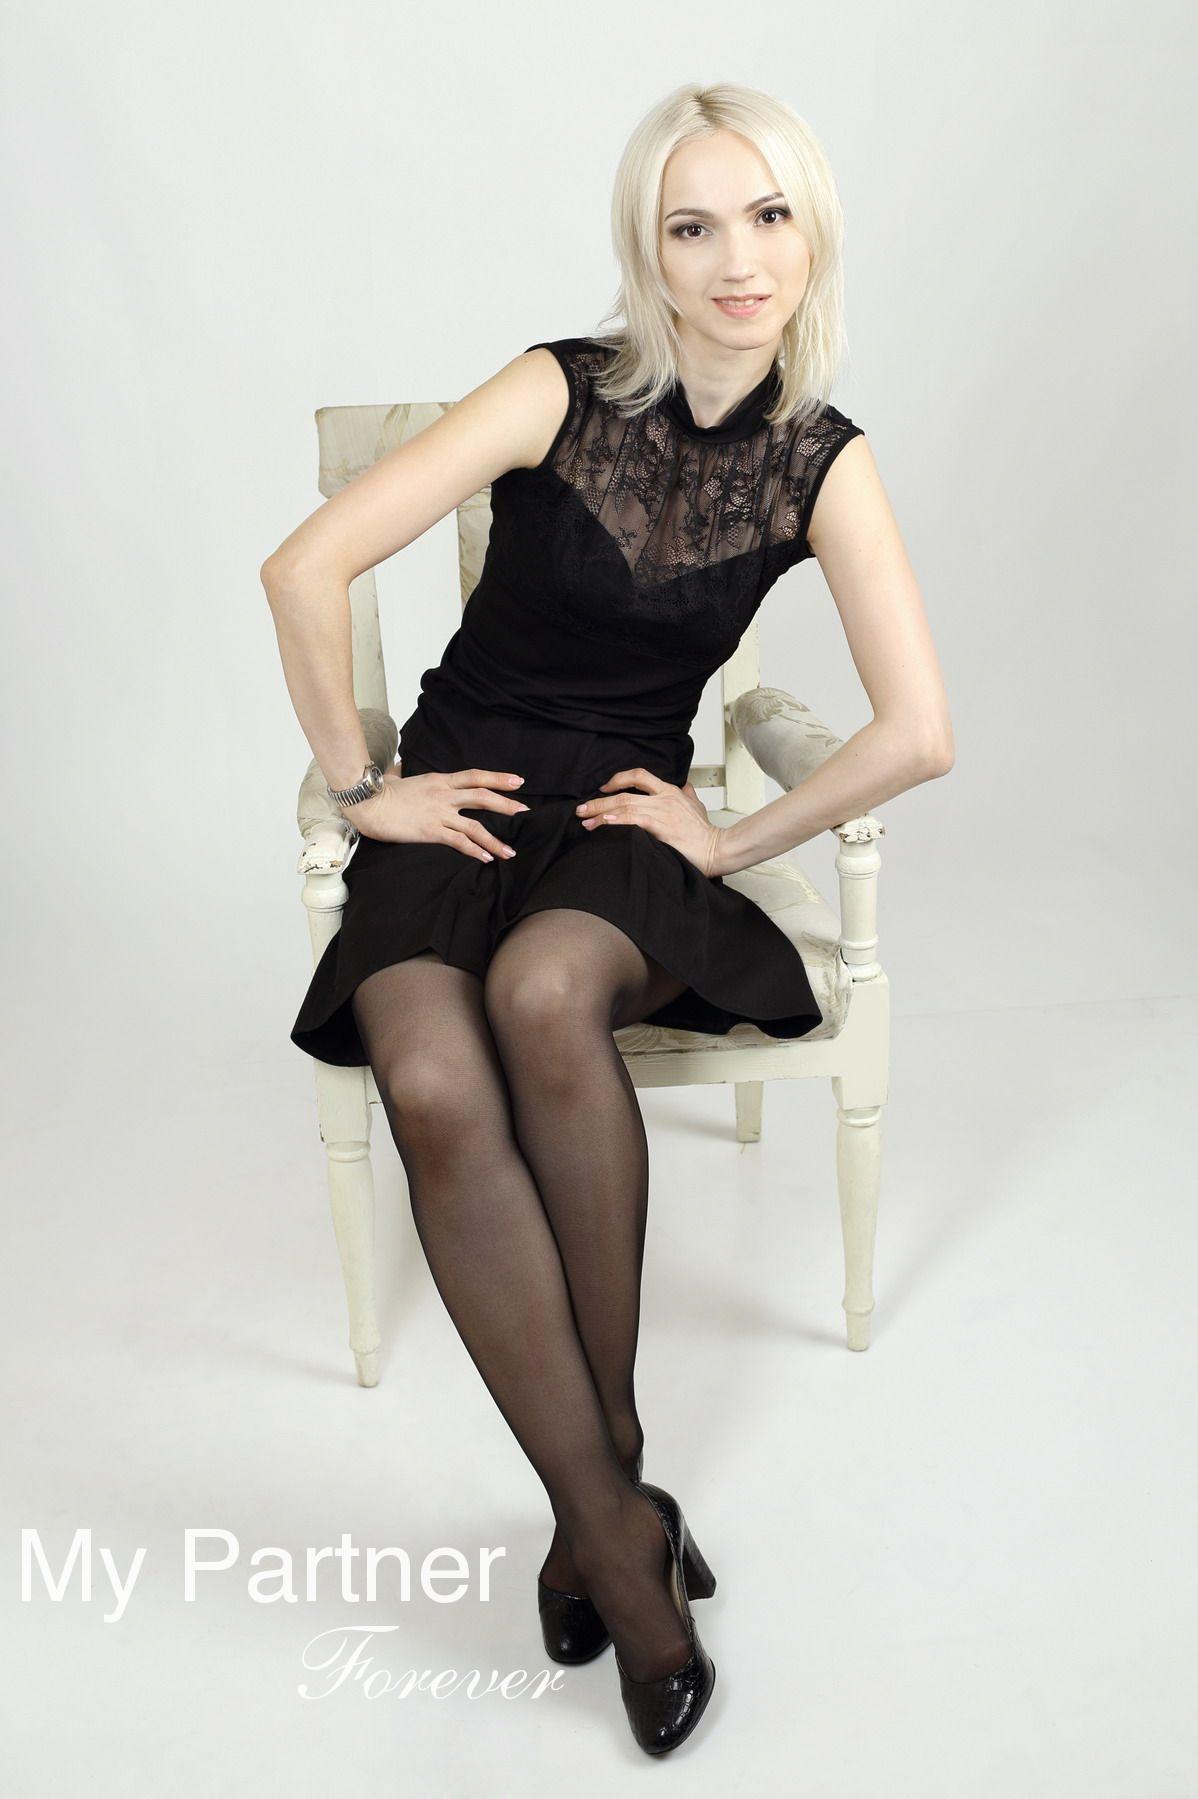 Sexy Belarusian Lady Tatiyana from Minsk, Belarus